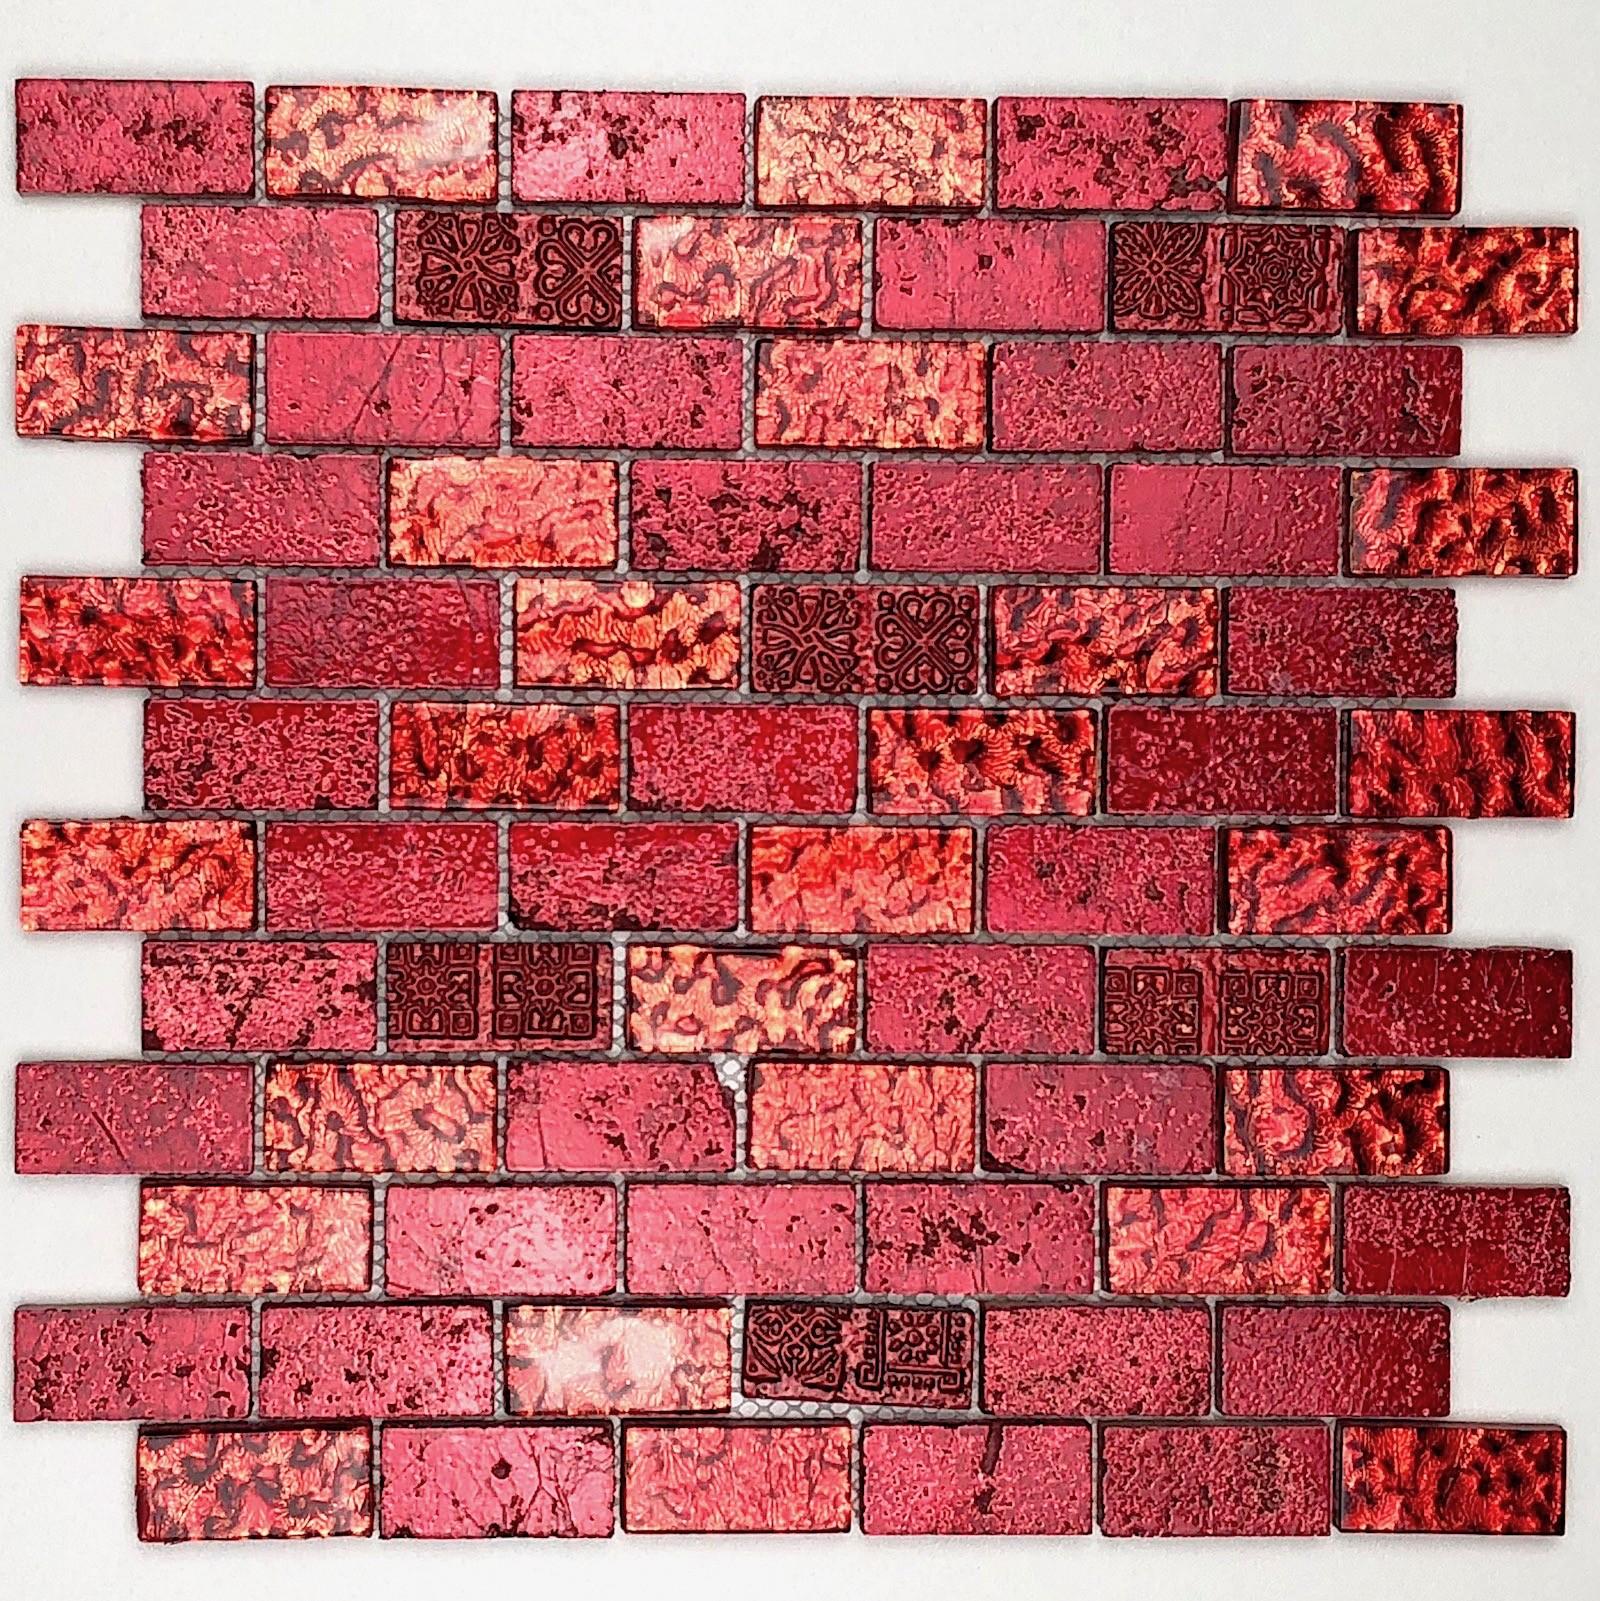 Mosaique Douche Et Salle De Bain 1m Metallic Brique Rouge Carrelage Mosaique